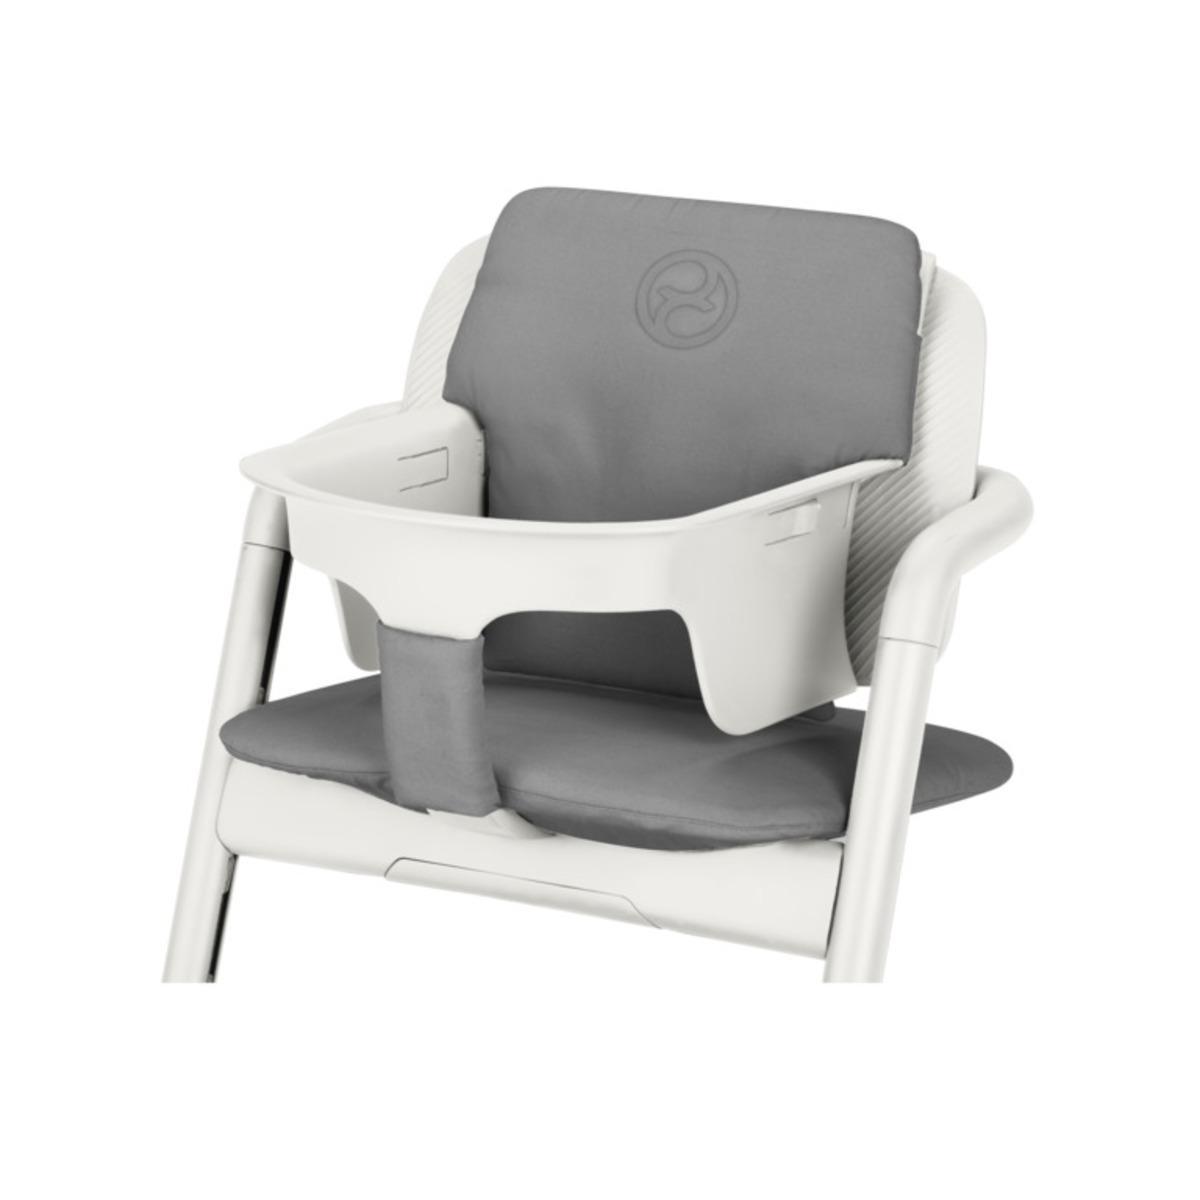 Coussin réducteur chaise haute LEMO Cybex storm grey-grey